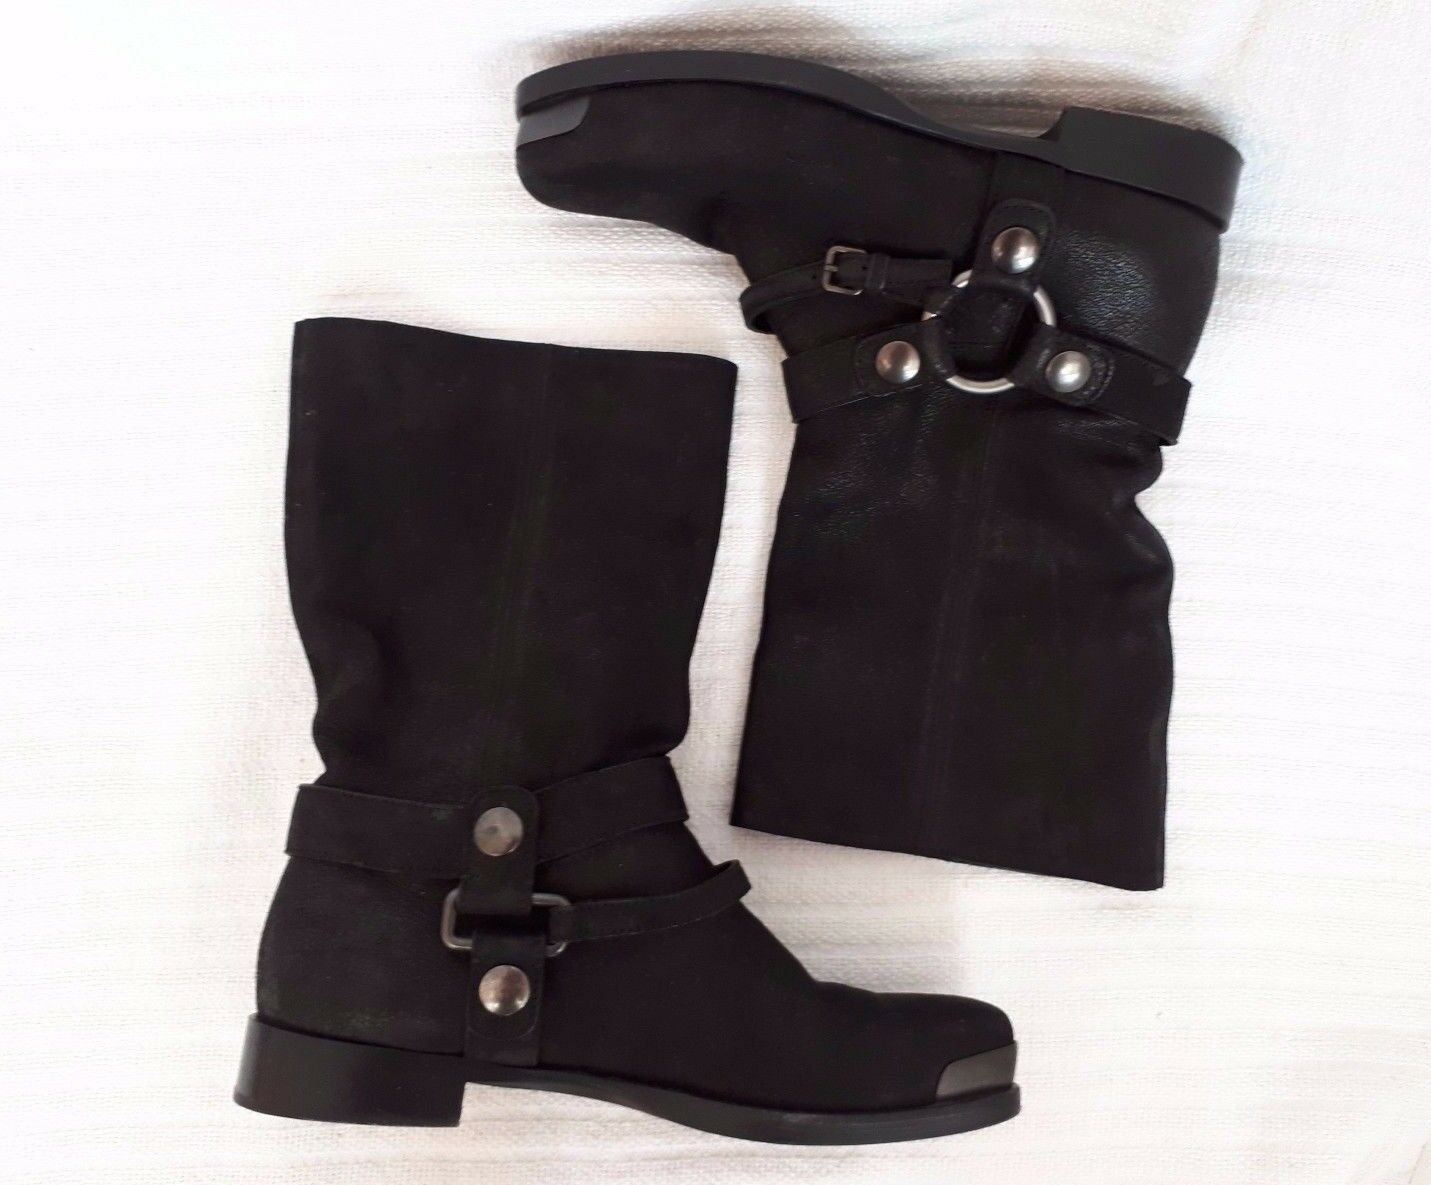 MIU MIU * Biker-Stiefel / * Boots * Gr 37 * / schwarz * Echtleder * wie neu e9b655